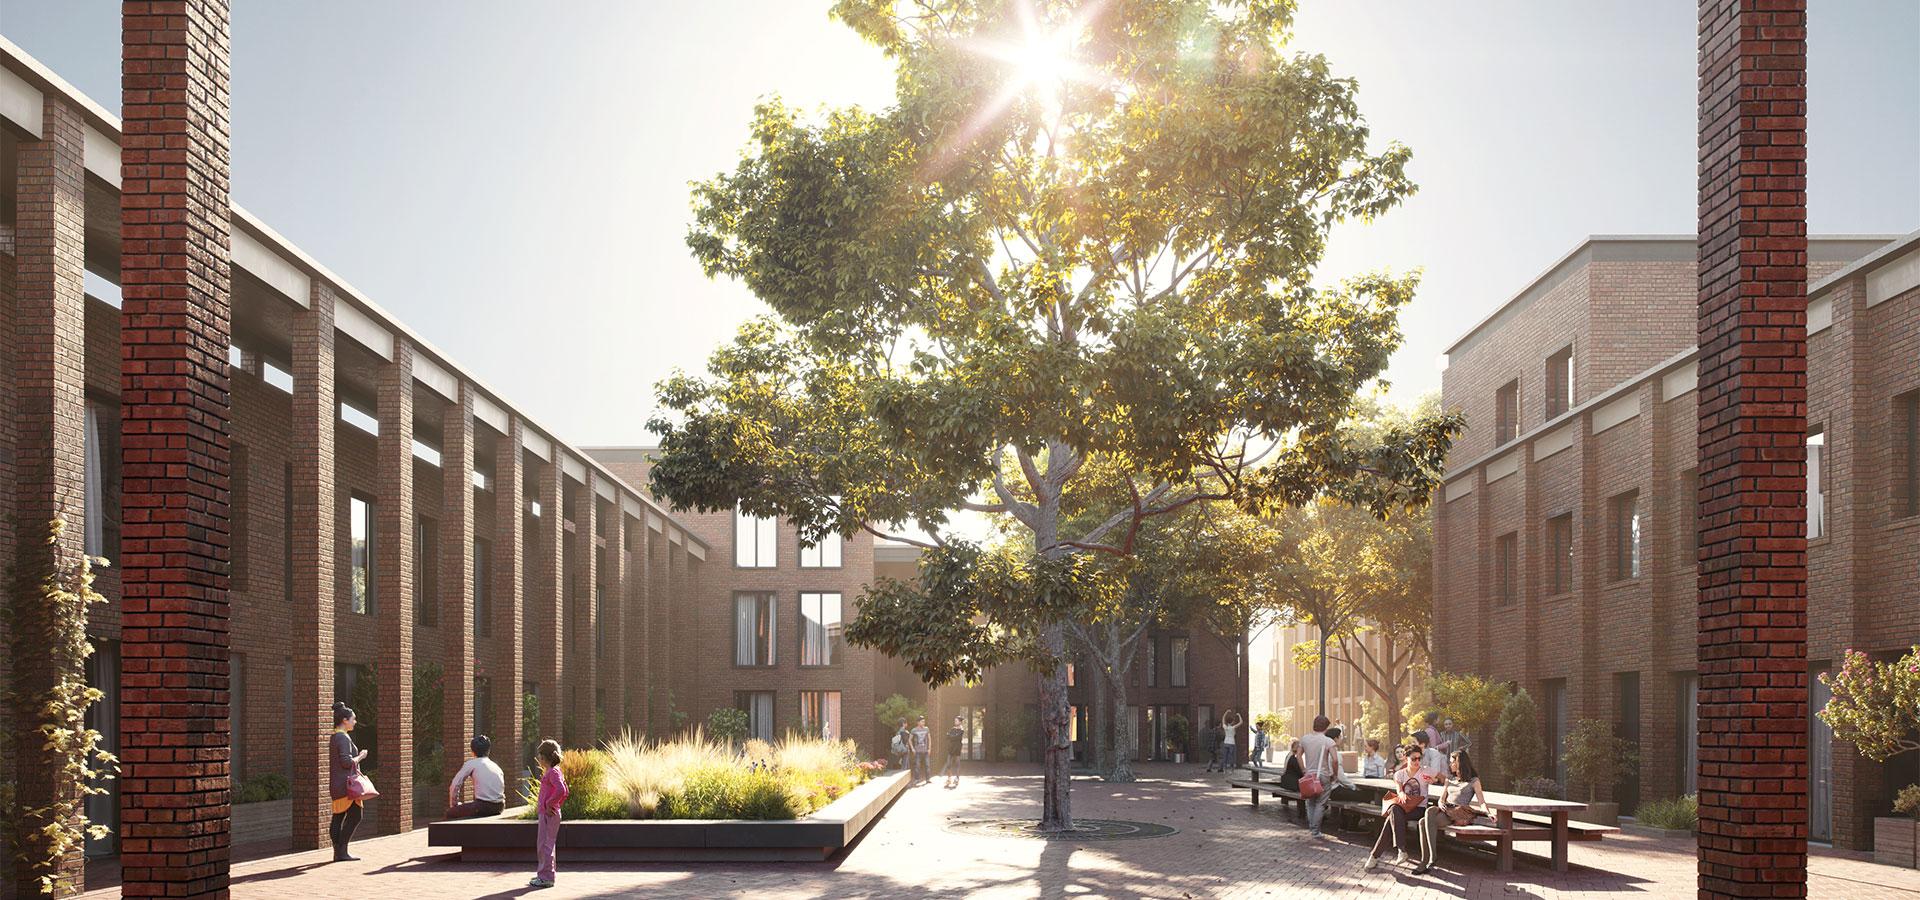 FARO architecten Leeuweplaats Utrecht 03